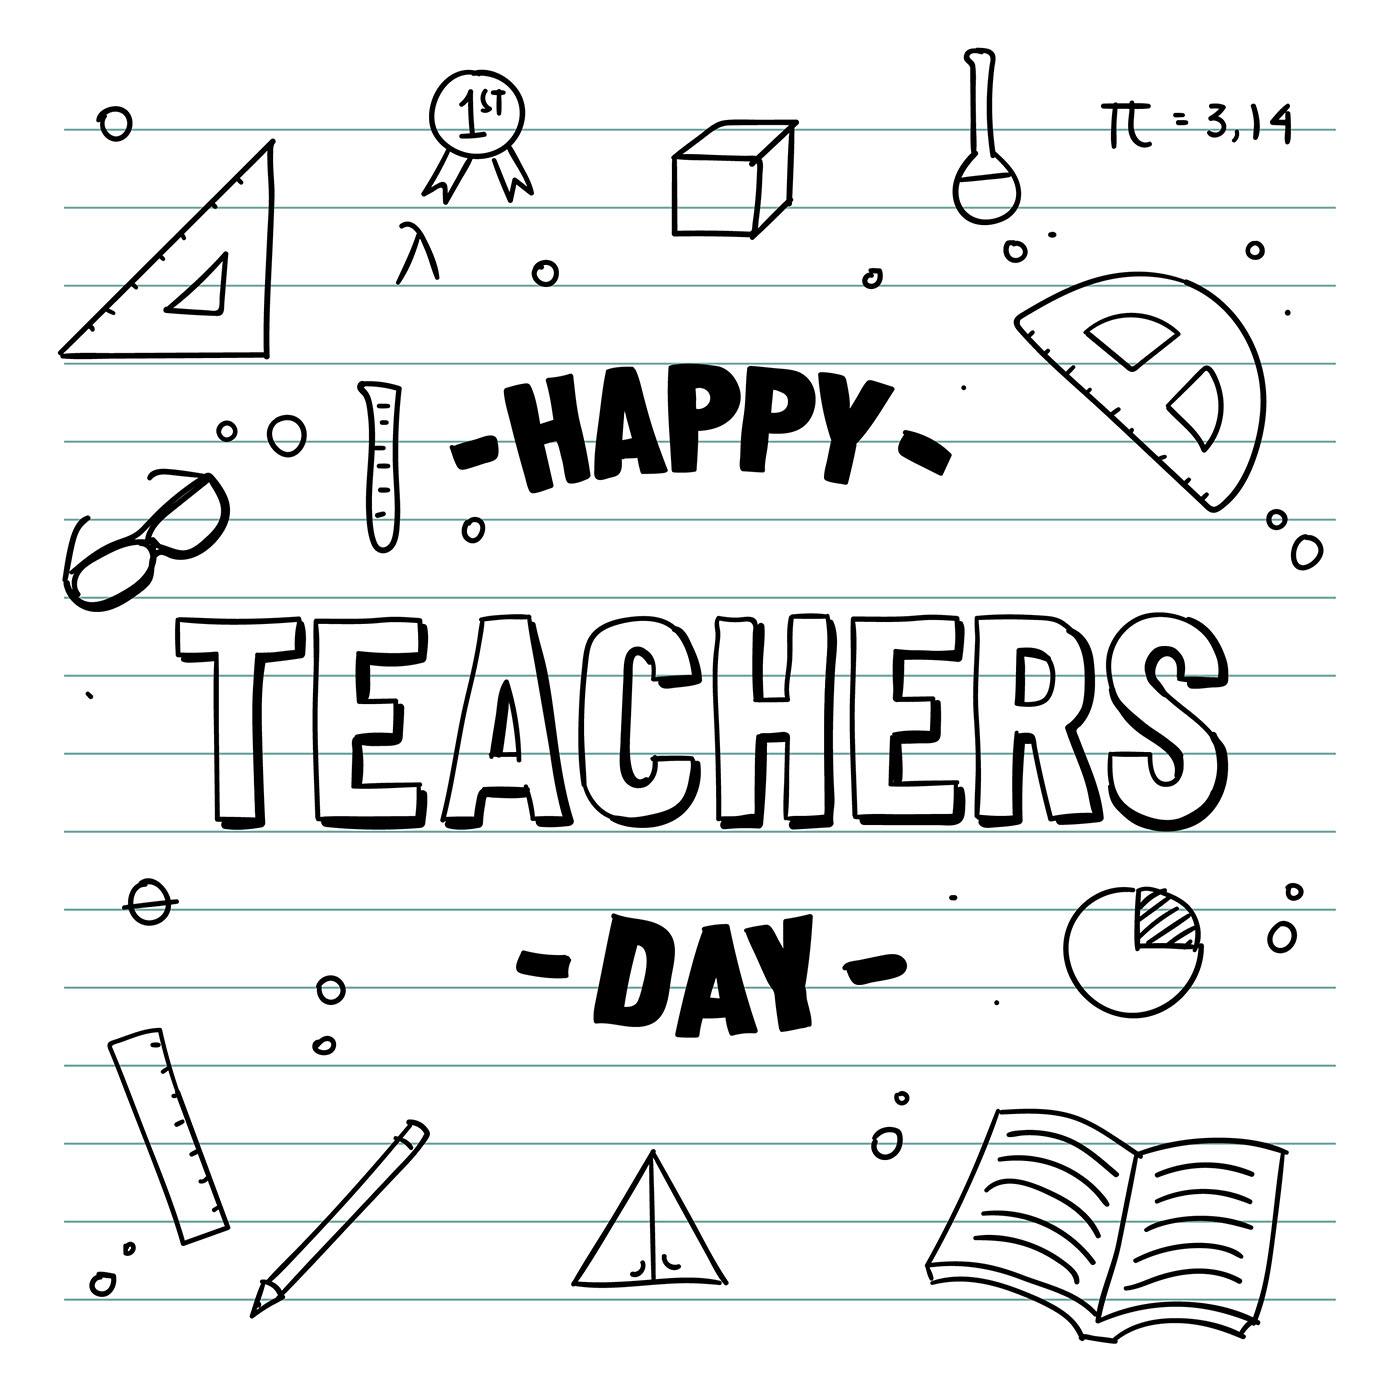 Happy Teachers Day Notebook Vector